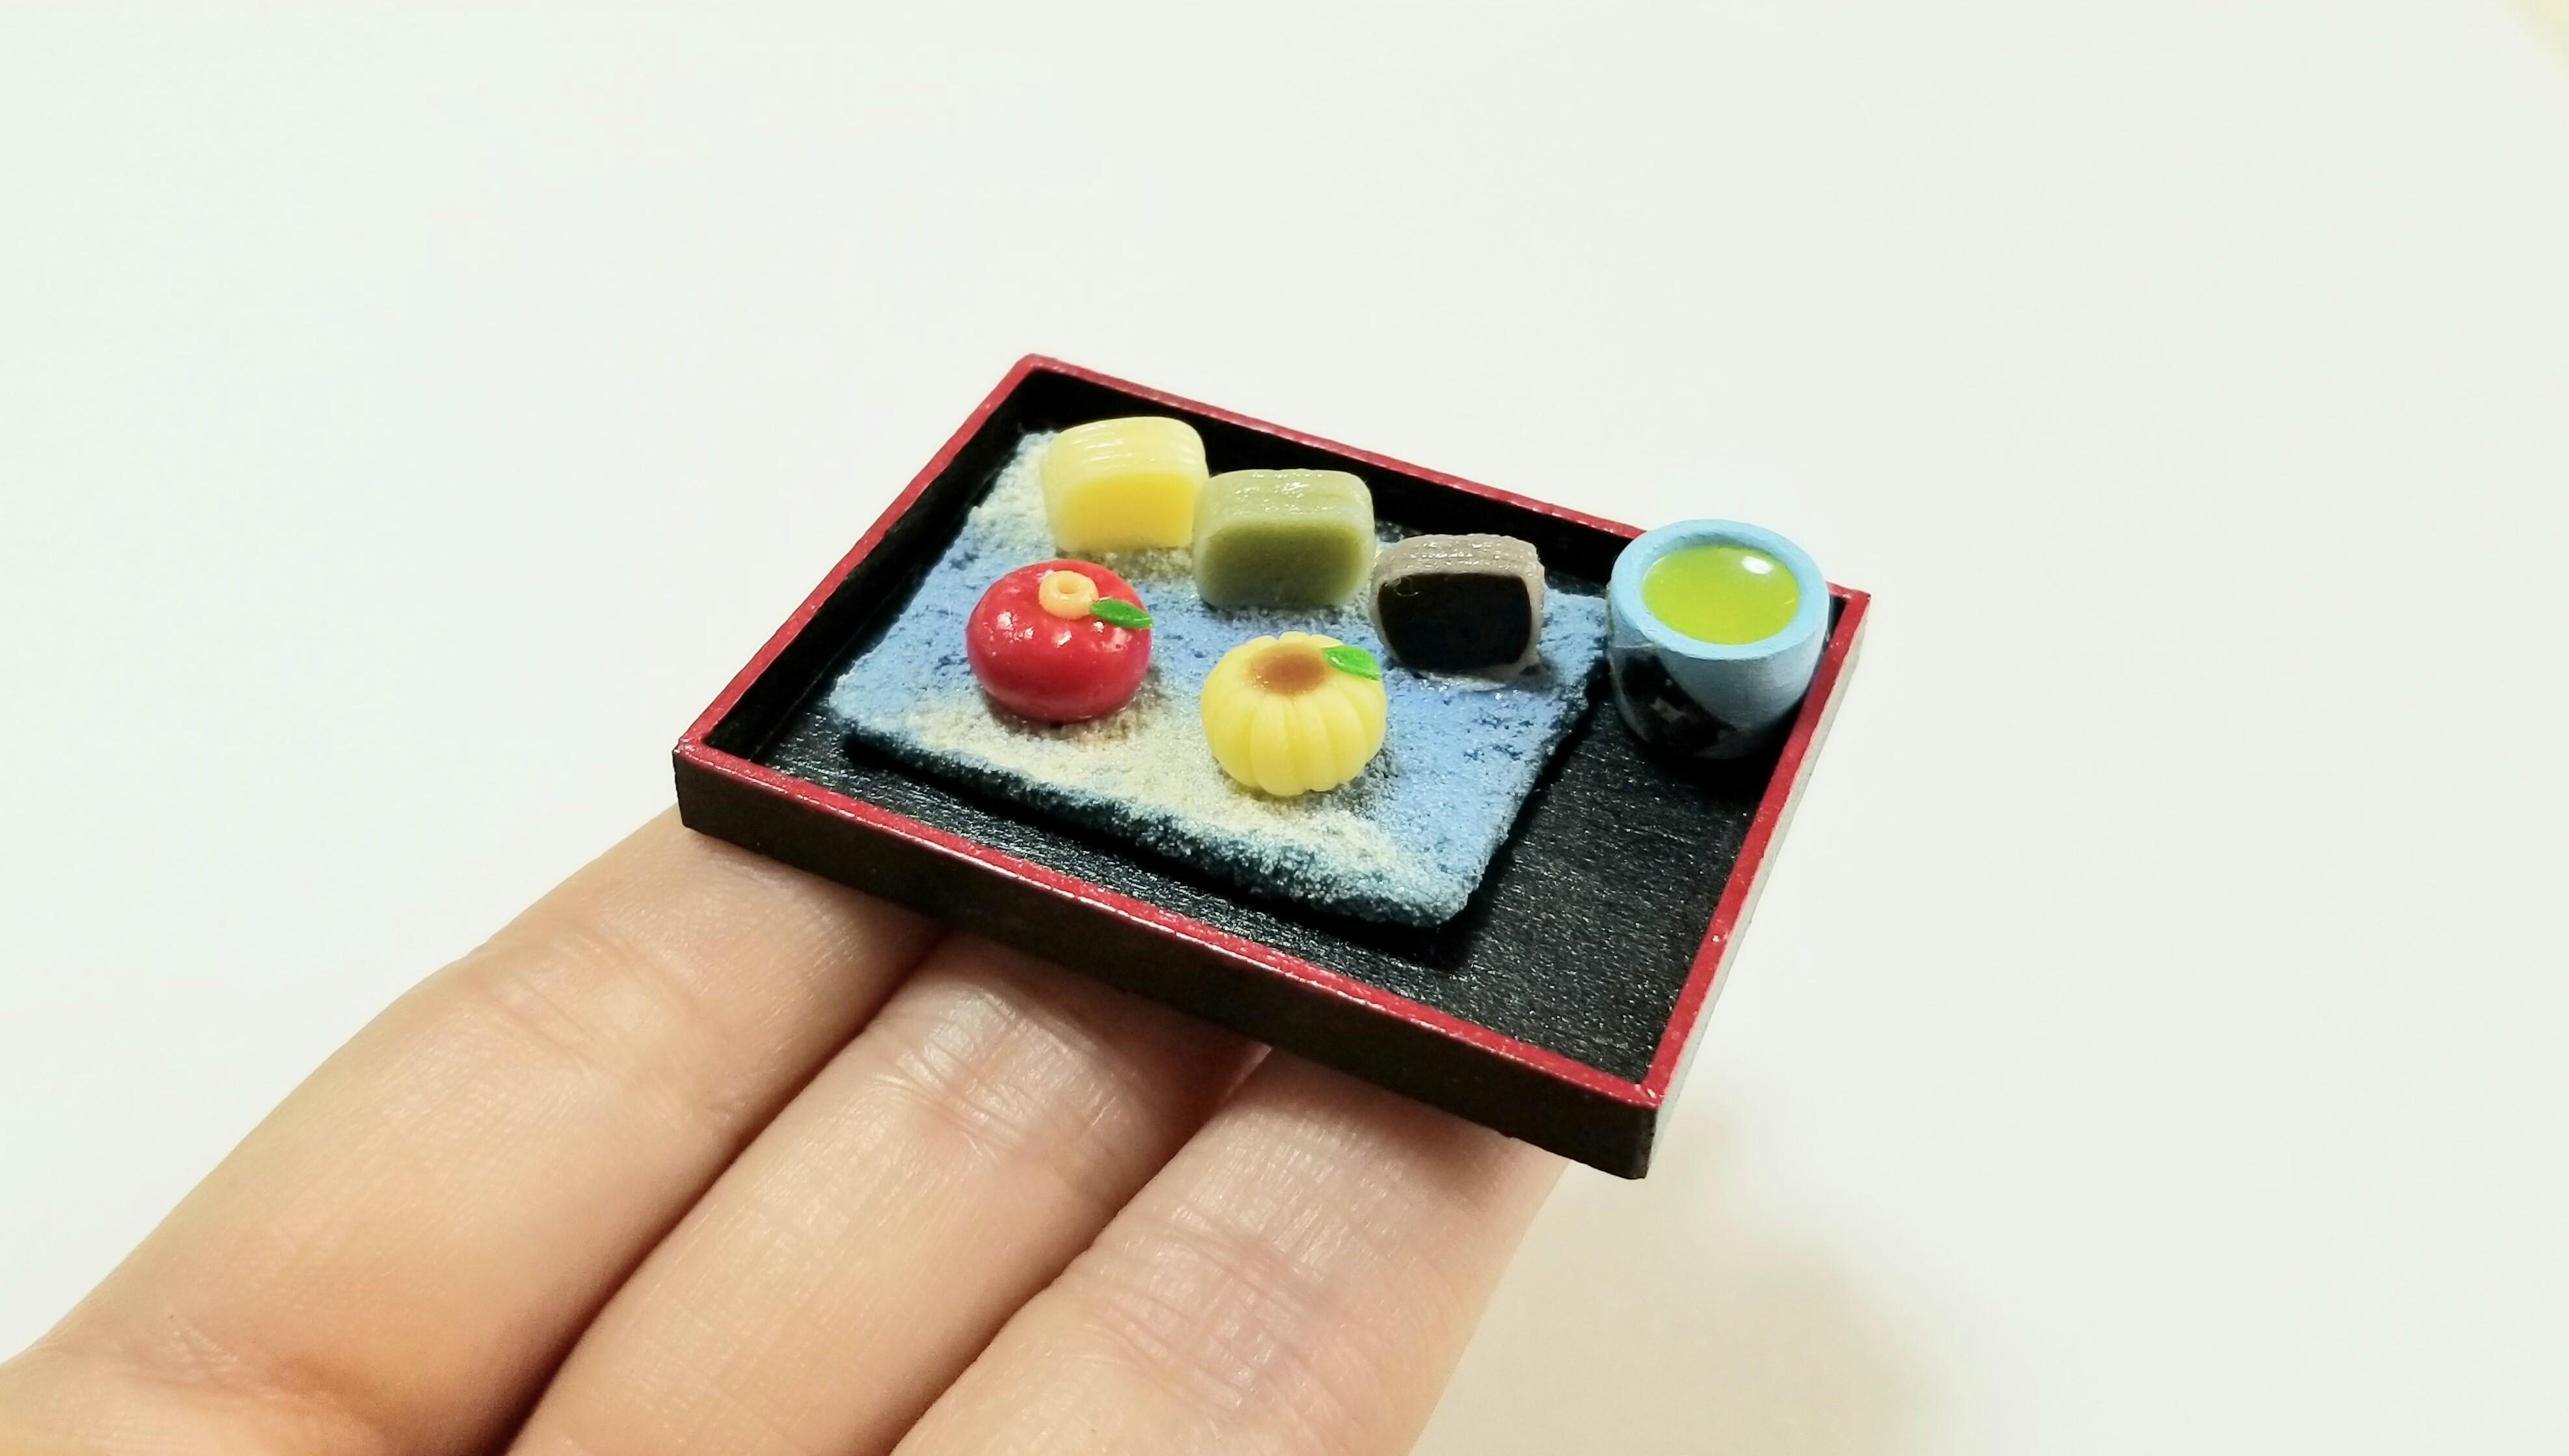 ミニチュアフード可愛い和菓子樹脂粘土ミンネで販売中おすすめブログ